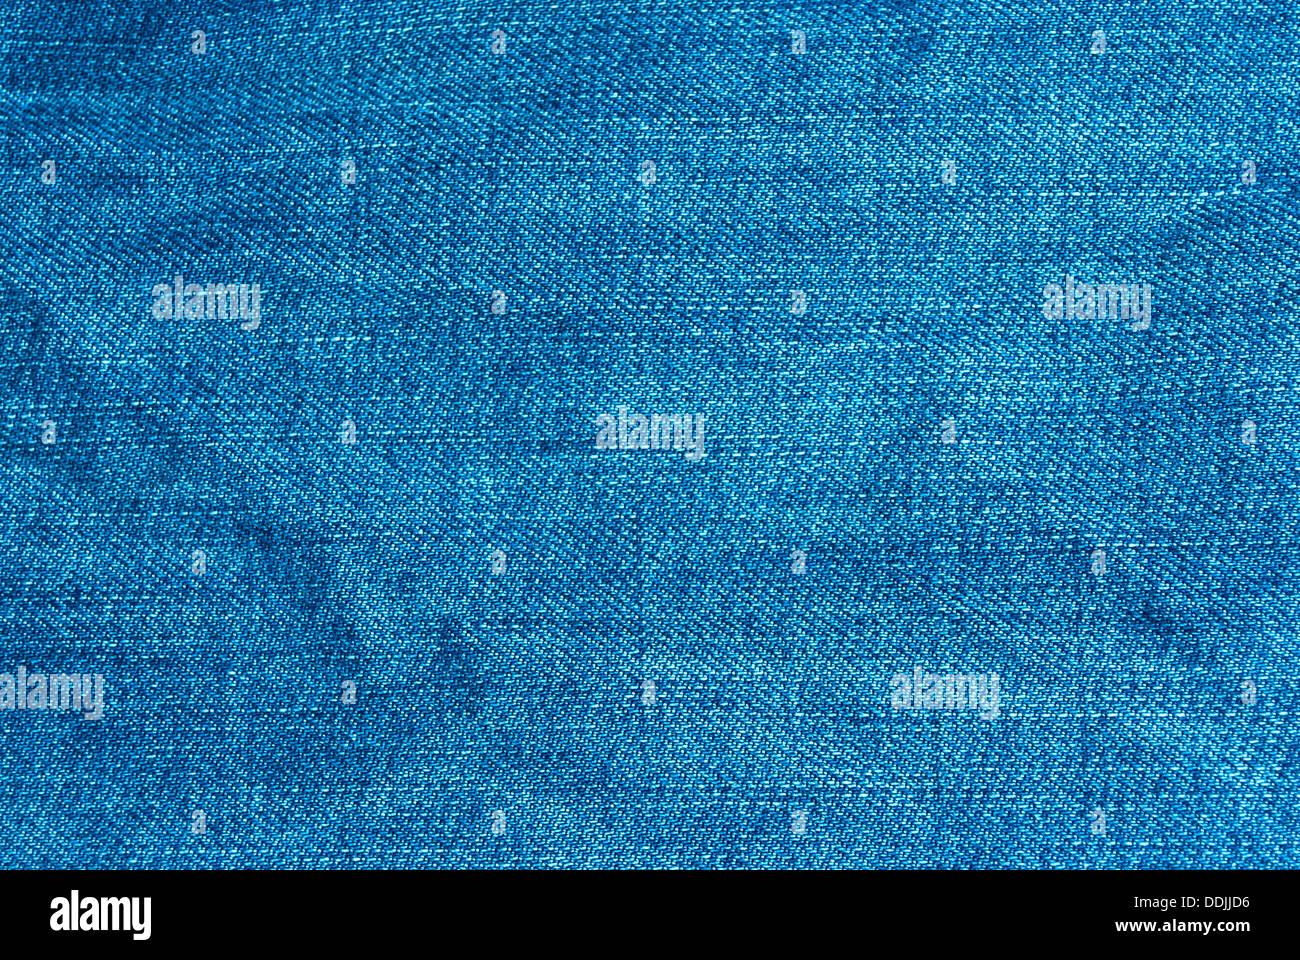 La texture di denim blu con macro per lo sfondo e sfondo. Immagini Stock